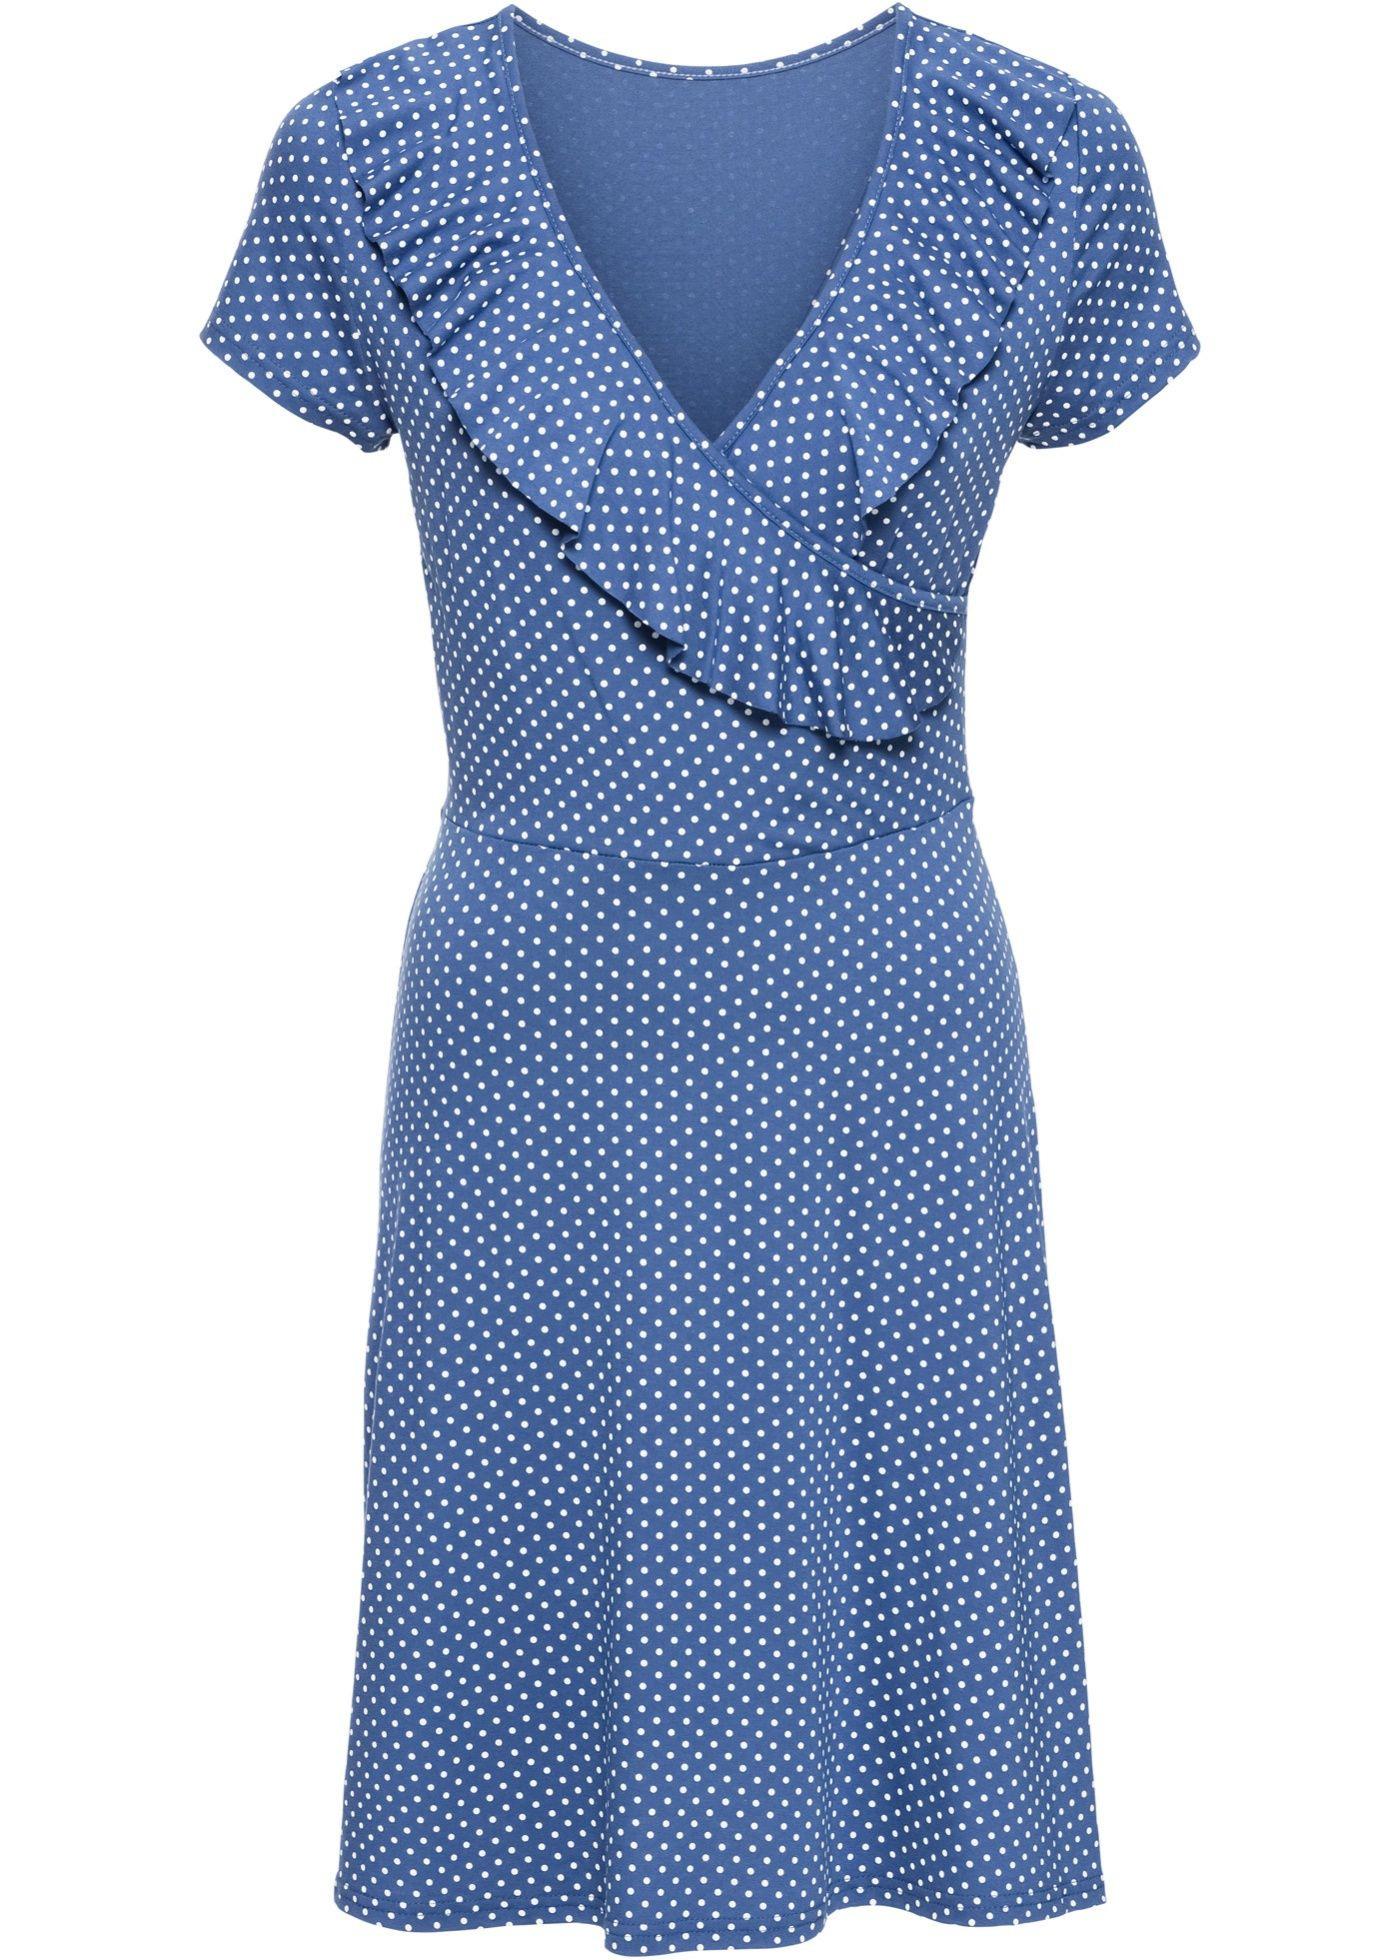 20 Schön Kleid Mit Punkten für 201917 Genial Kleid Mit Punkten Ärmel